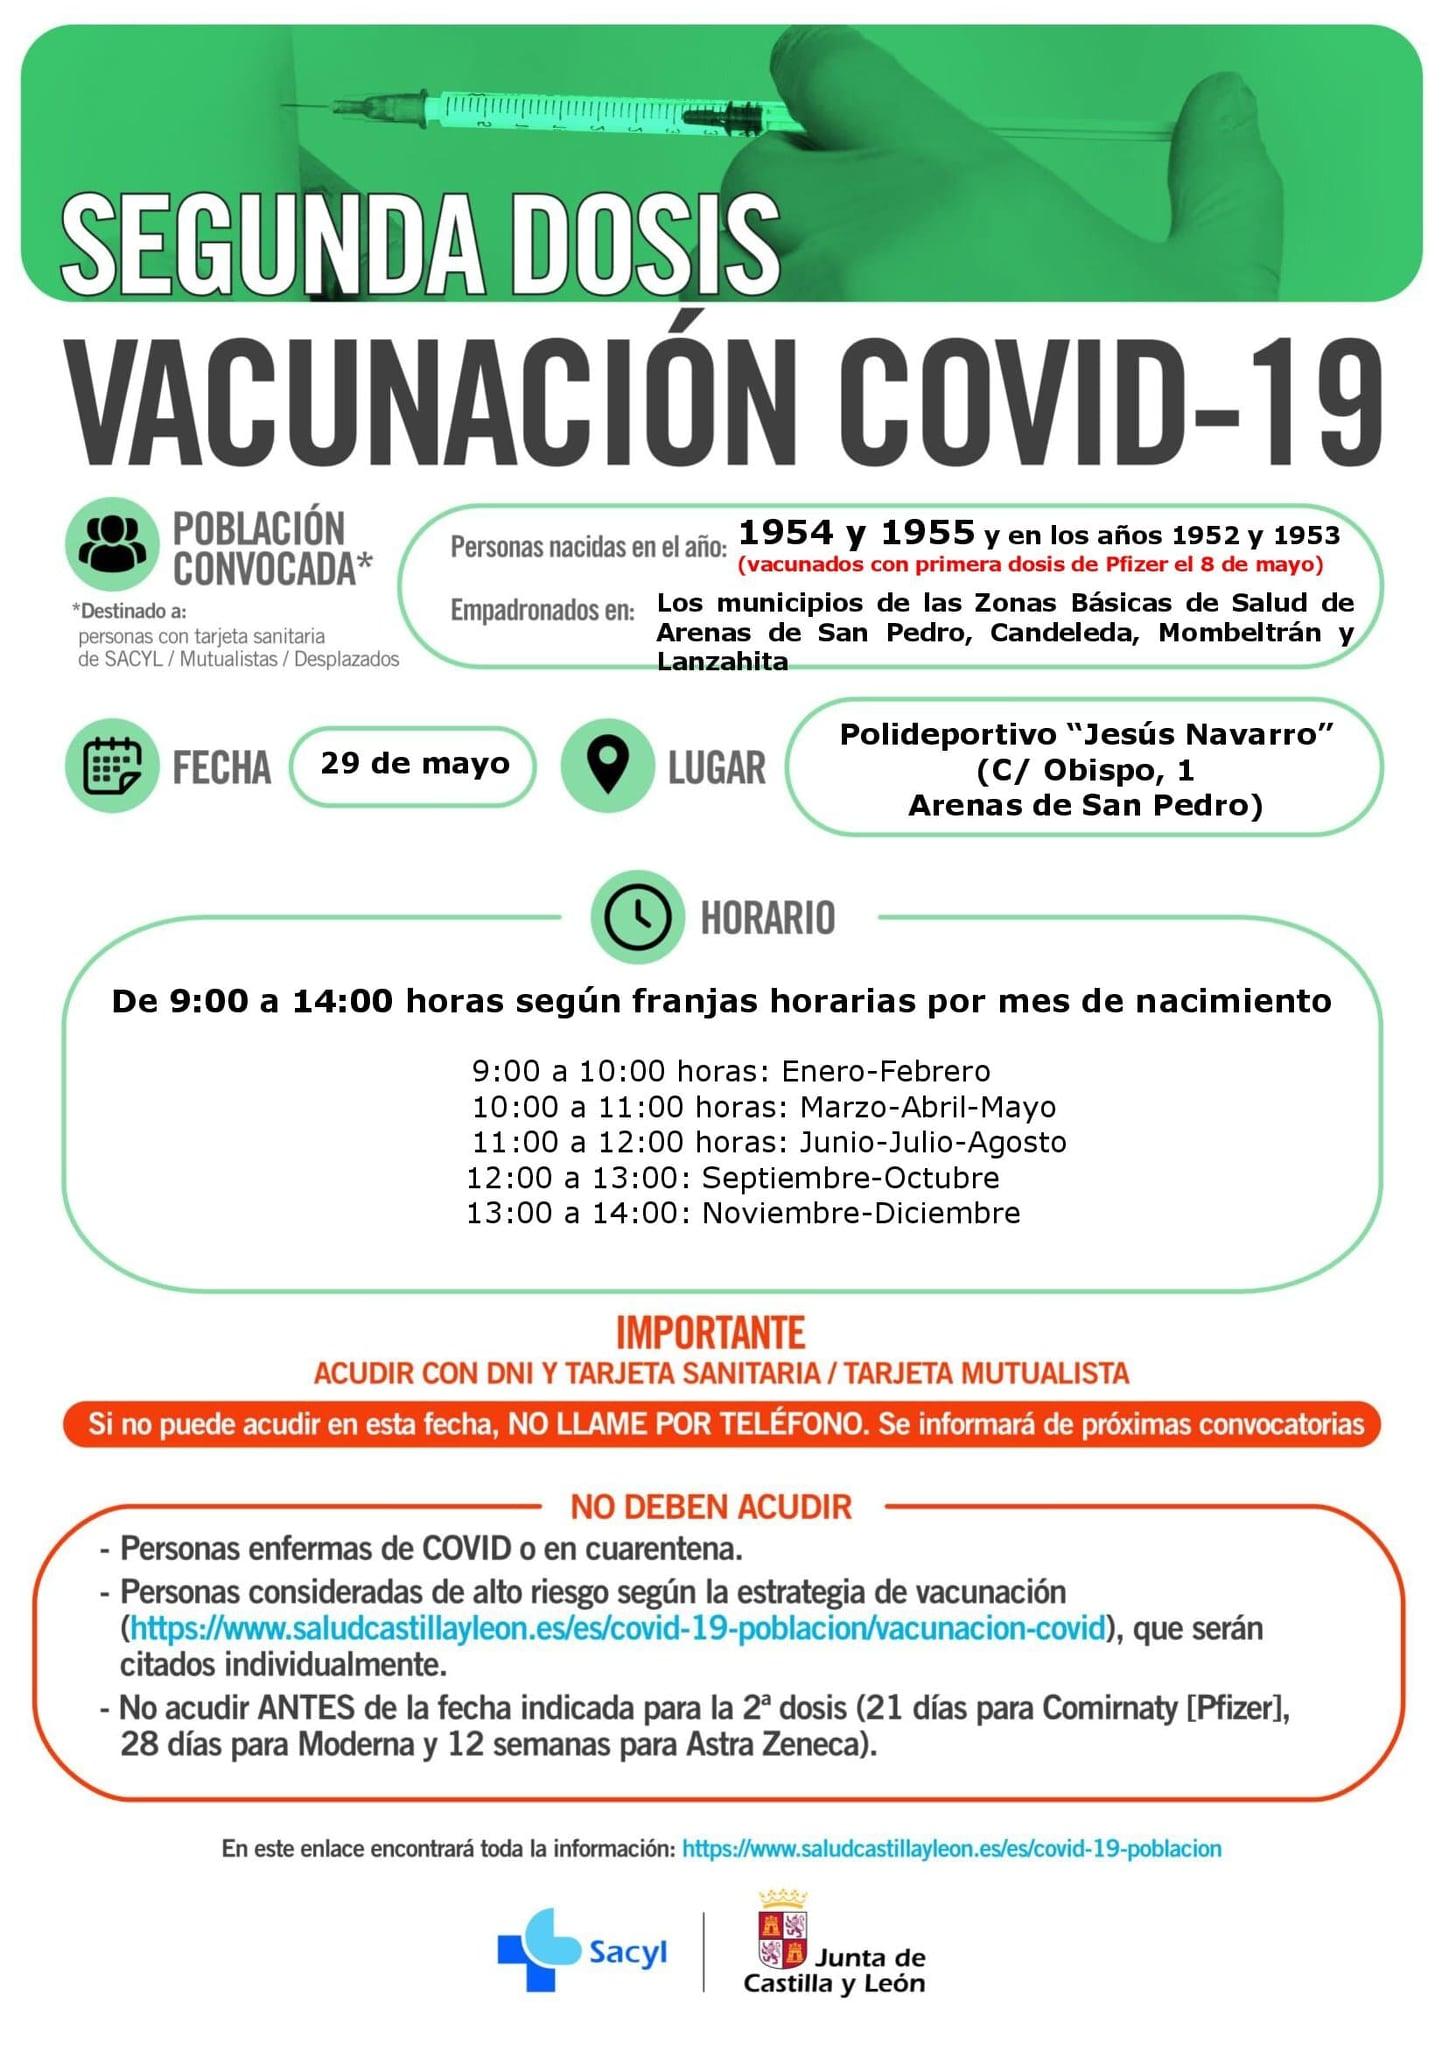 Arenas vacuna a nacidos en 1954, 1955, 1952 y 1953